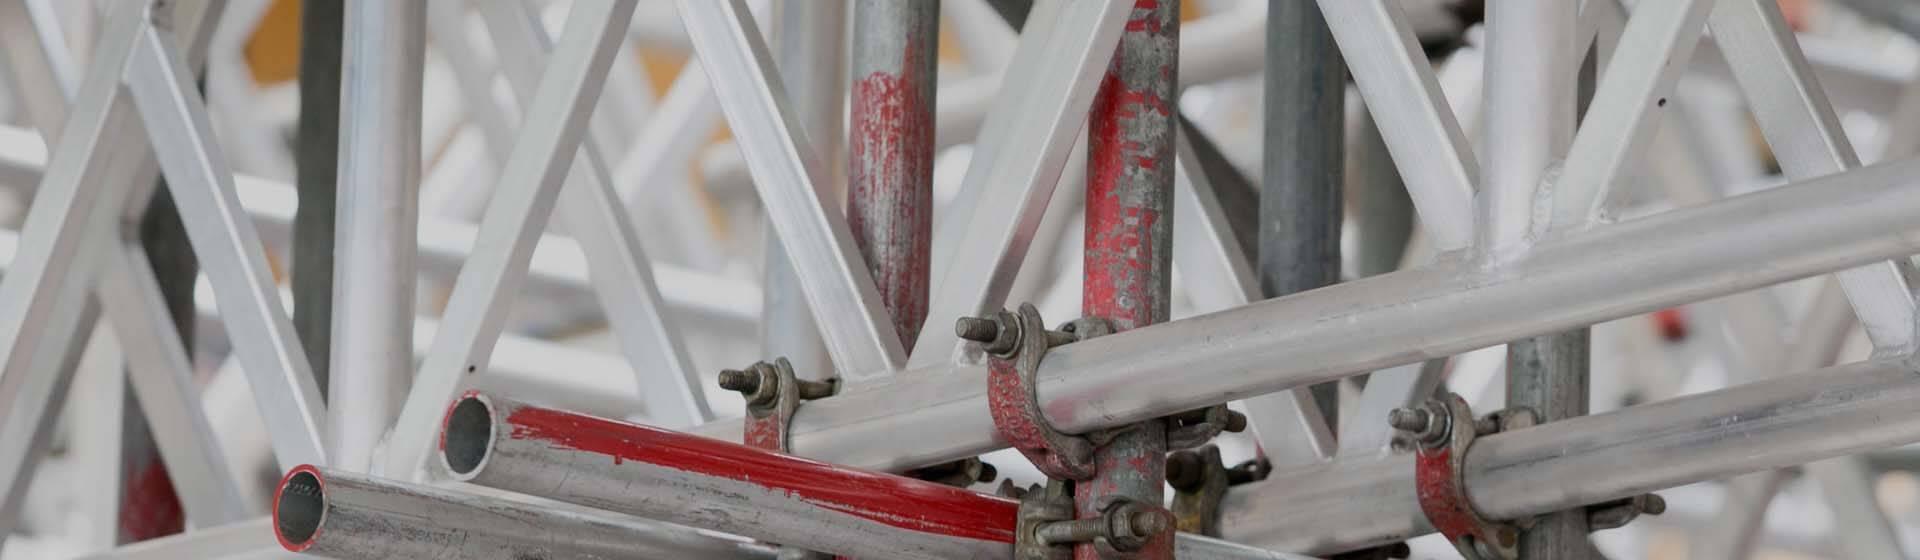 scaffolding slide 02